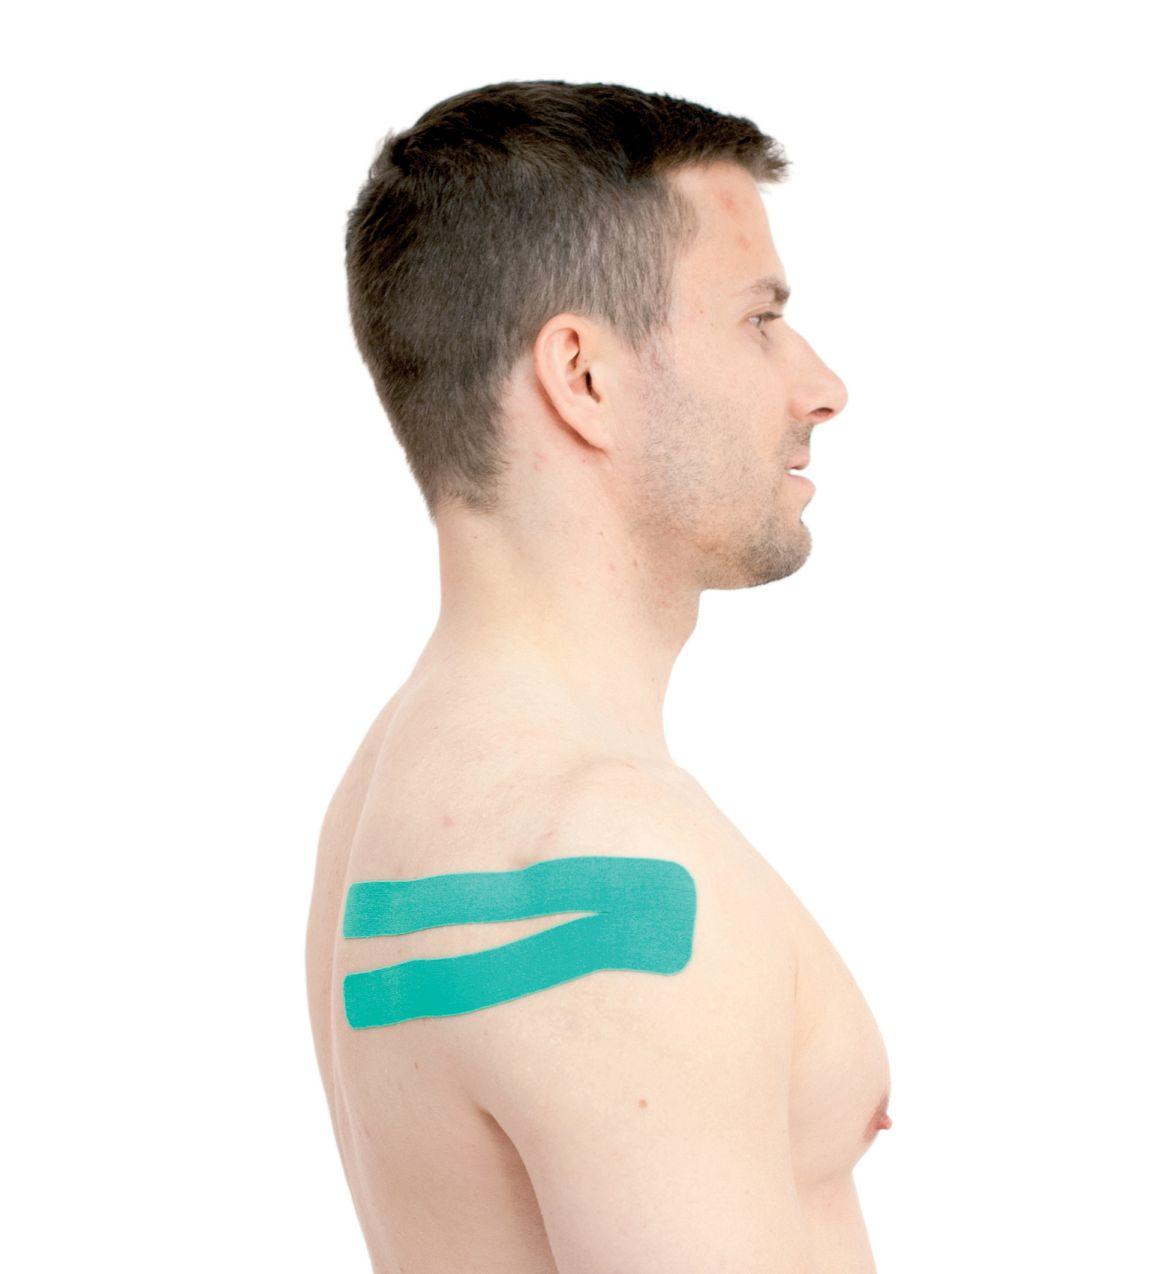 Tejpování ramene – podhřebenového svalu 1